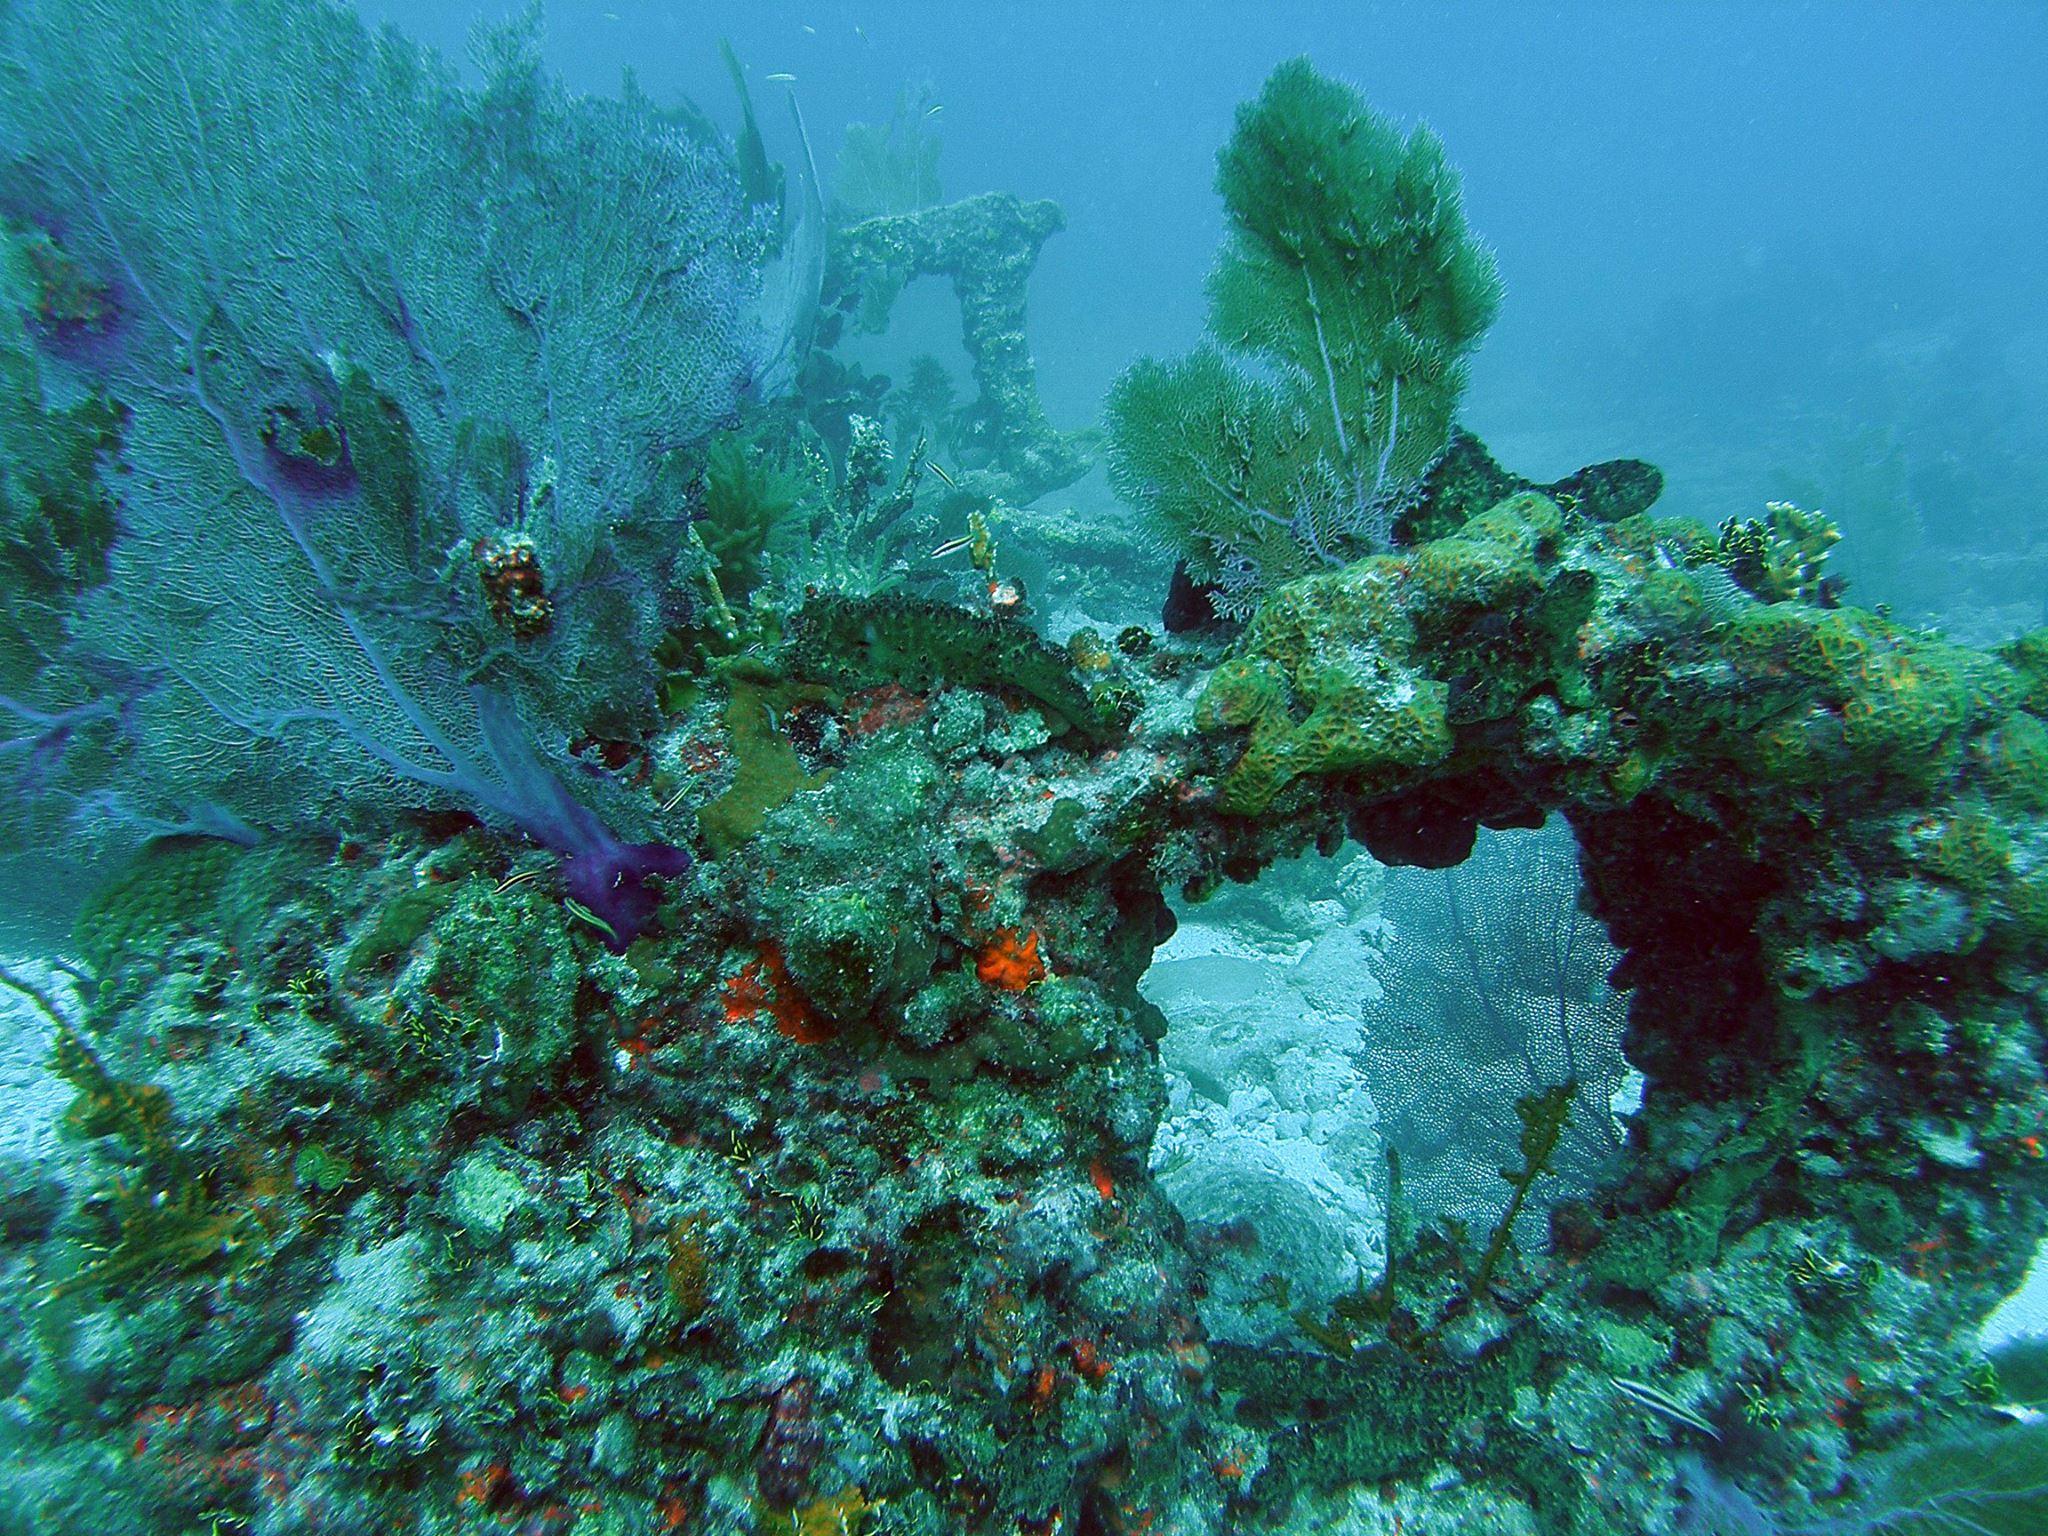 Guia-FFW-Florida-Florida-Keys-Key-Largo-National-Marine-Sanctuary